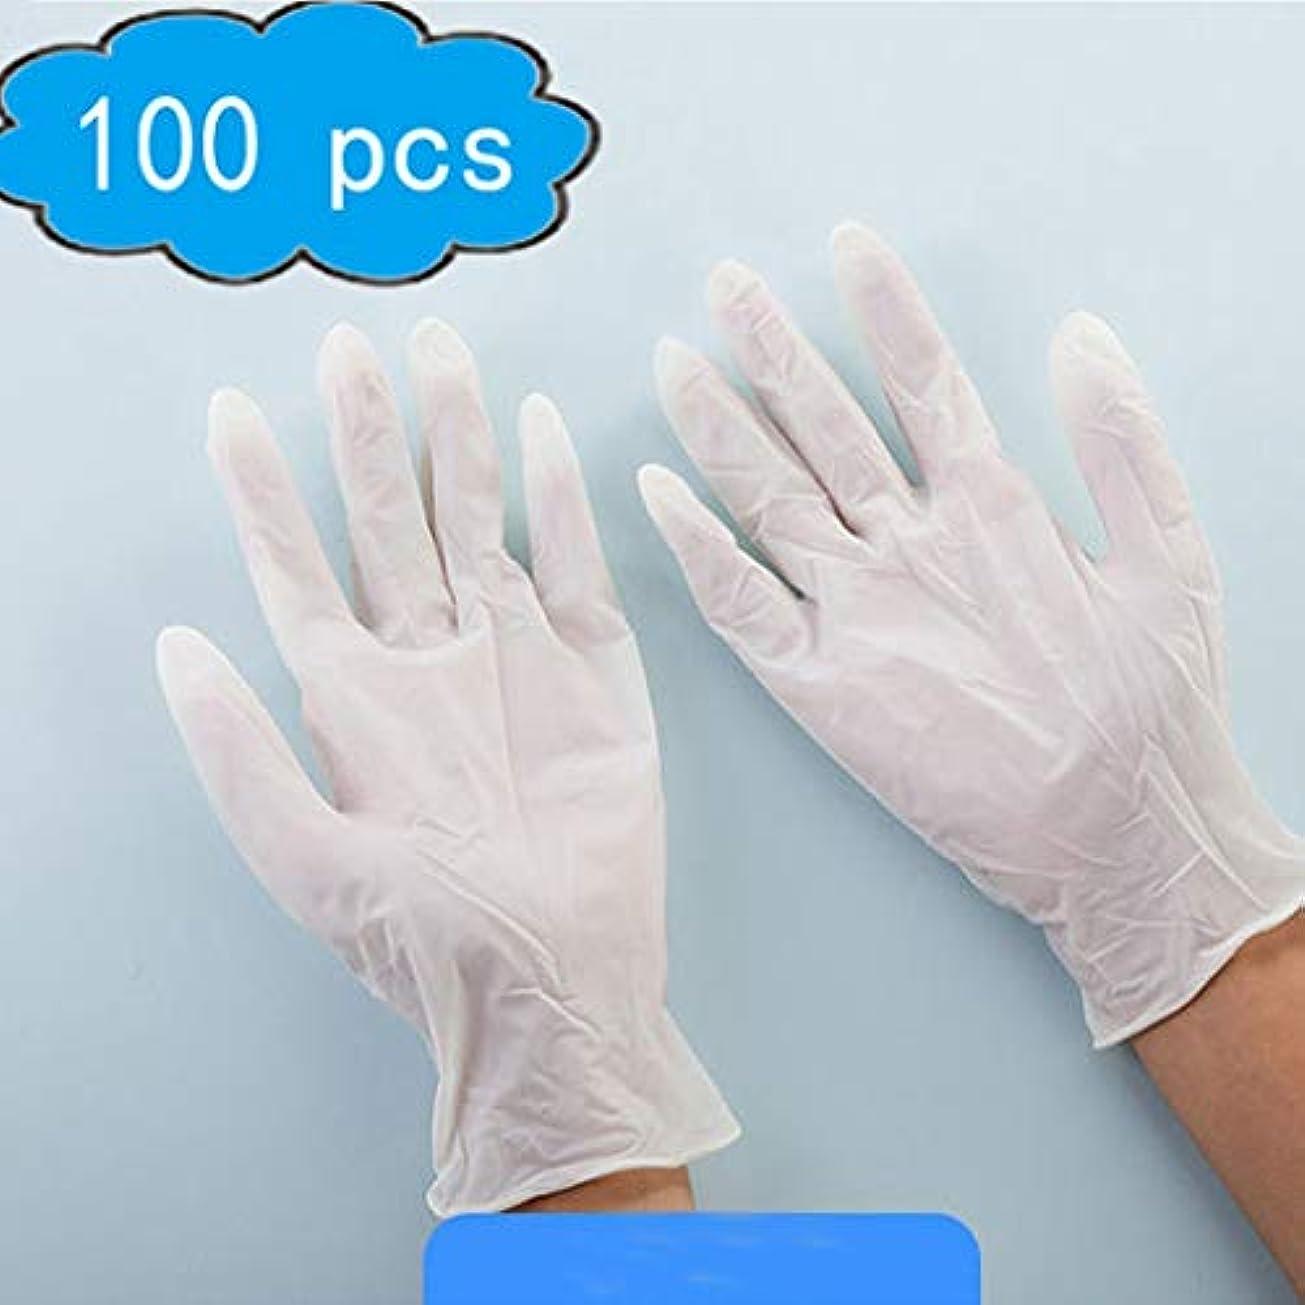 モットー不毛作成者使い捨て手袋、厚手版、白い粉のない使い捨てニトリル手袋[100パック] - 大、サニタリー手袋、応急処置用品 (Color : White, Size : S)